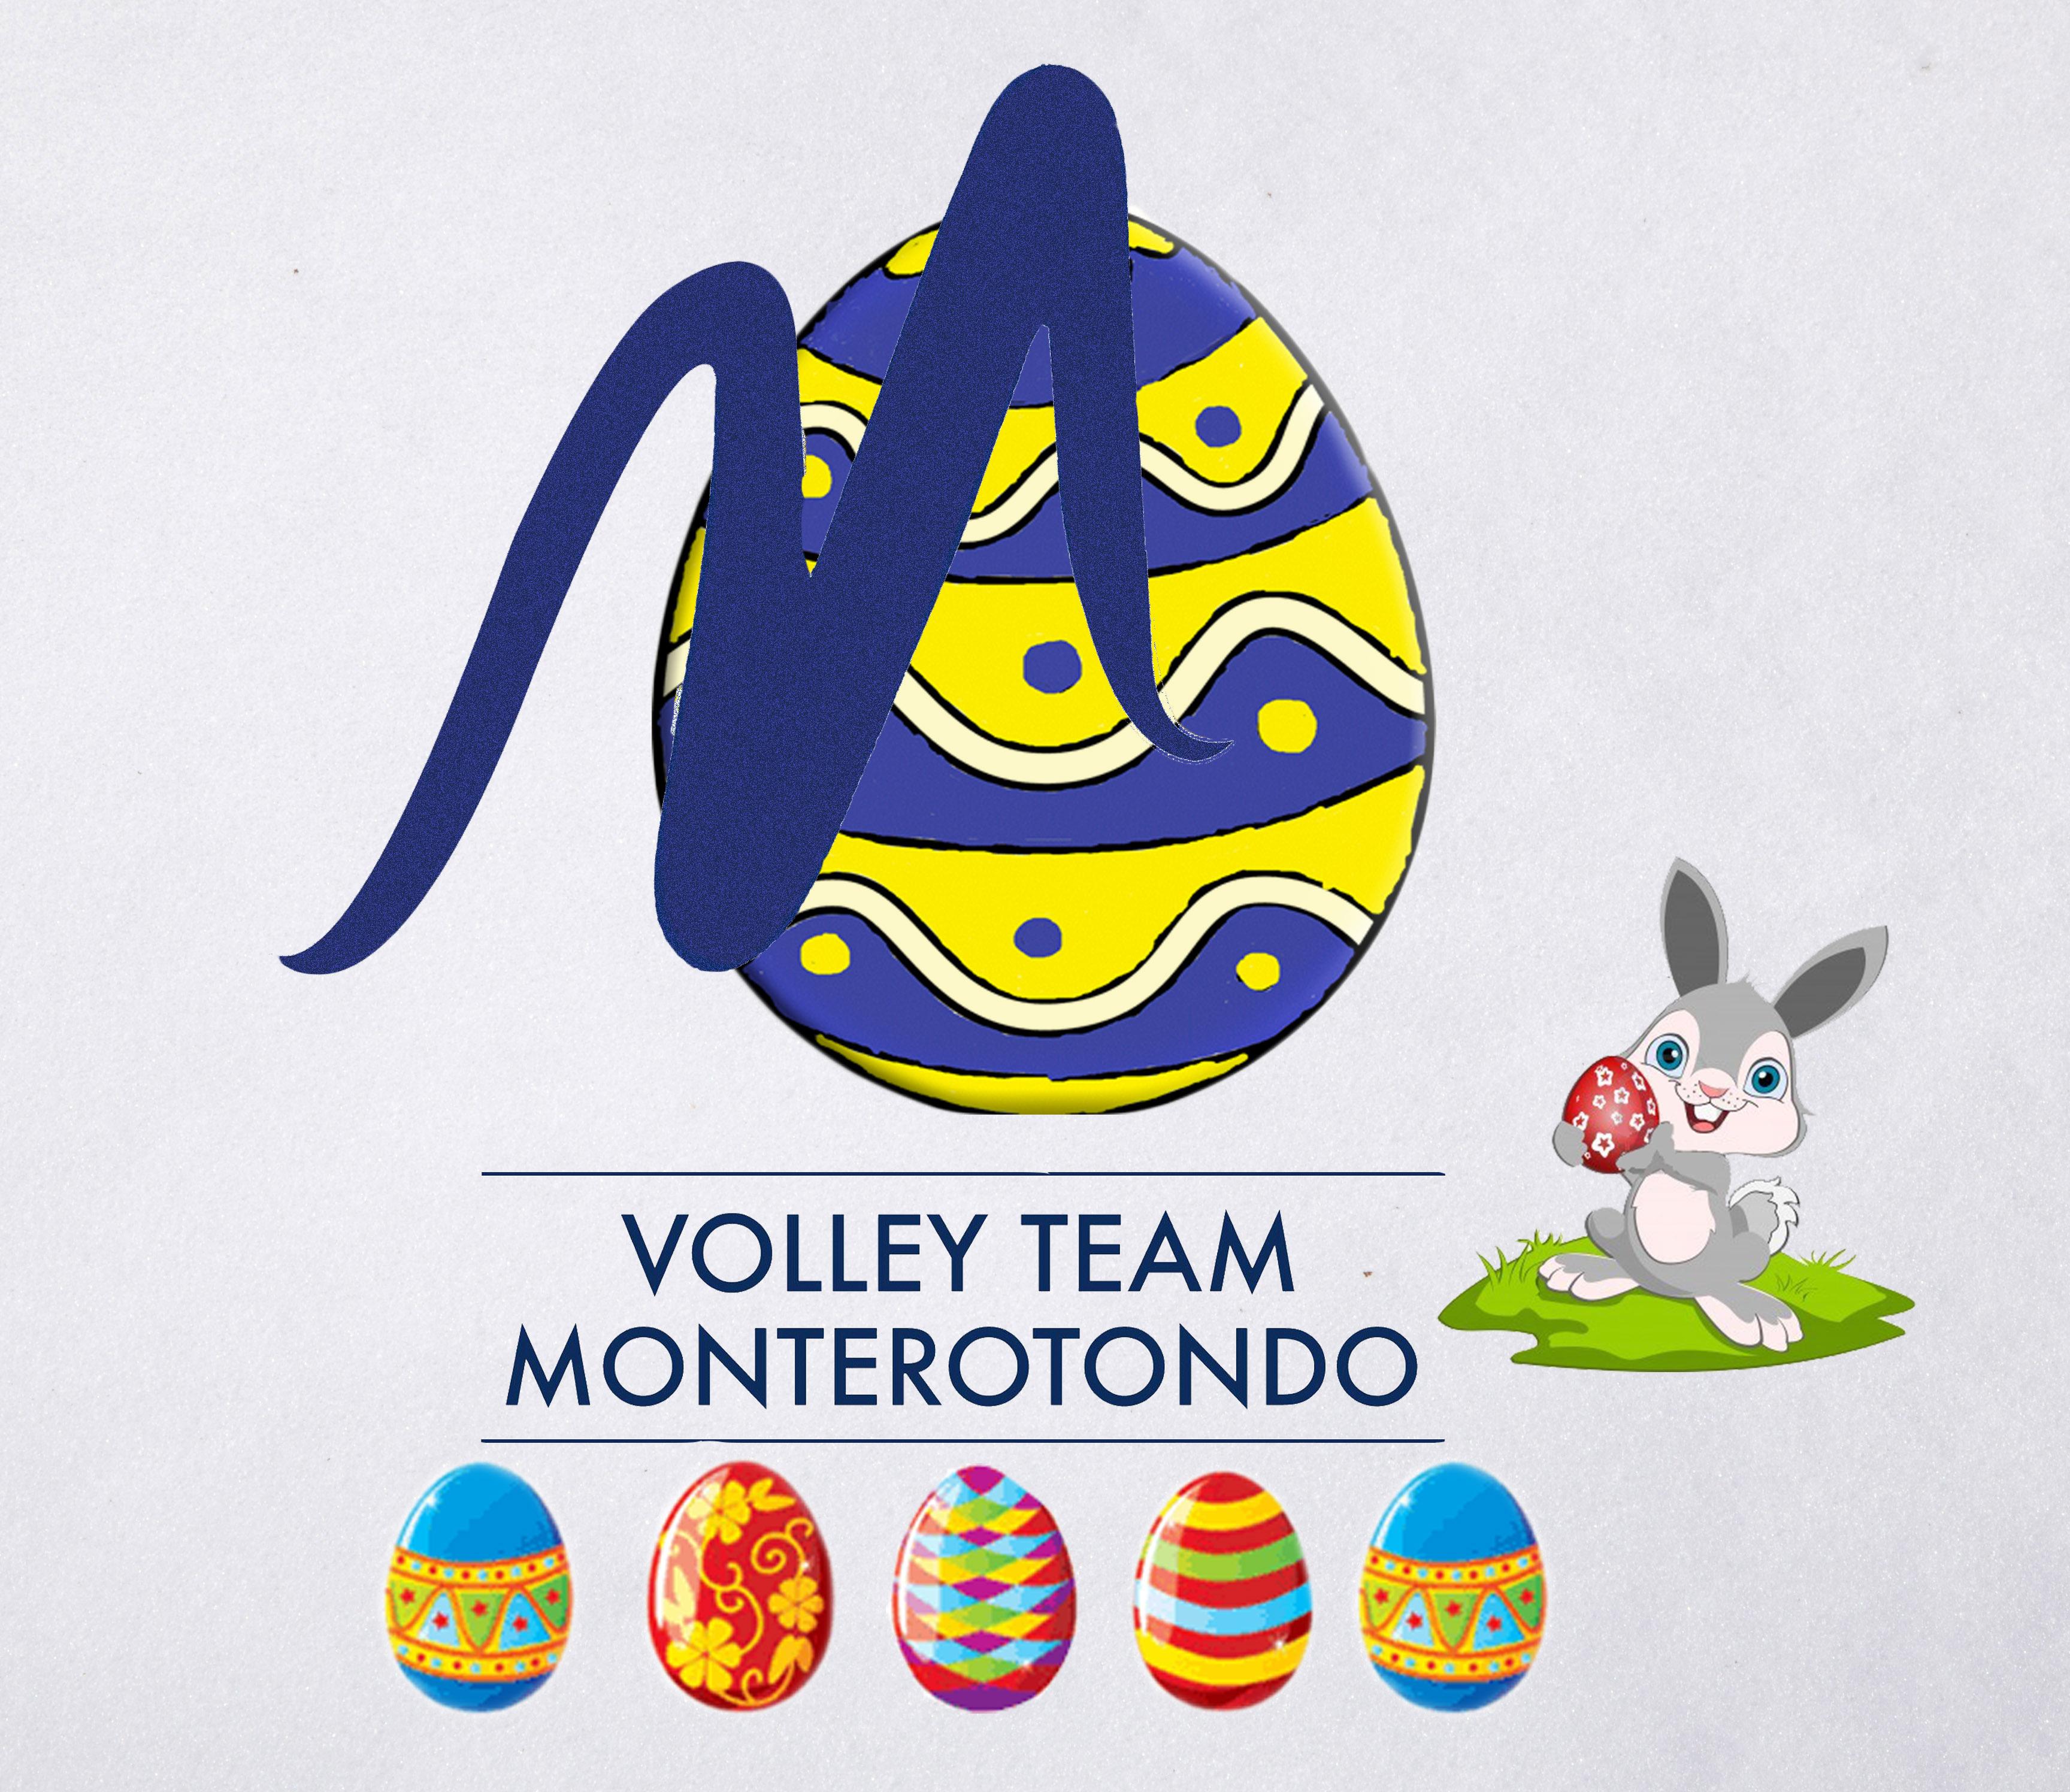 Tanti auguri di buona Pasqua dalla Volley Team Monterotondo